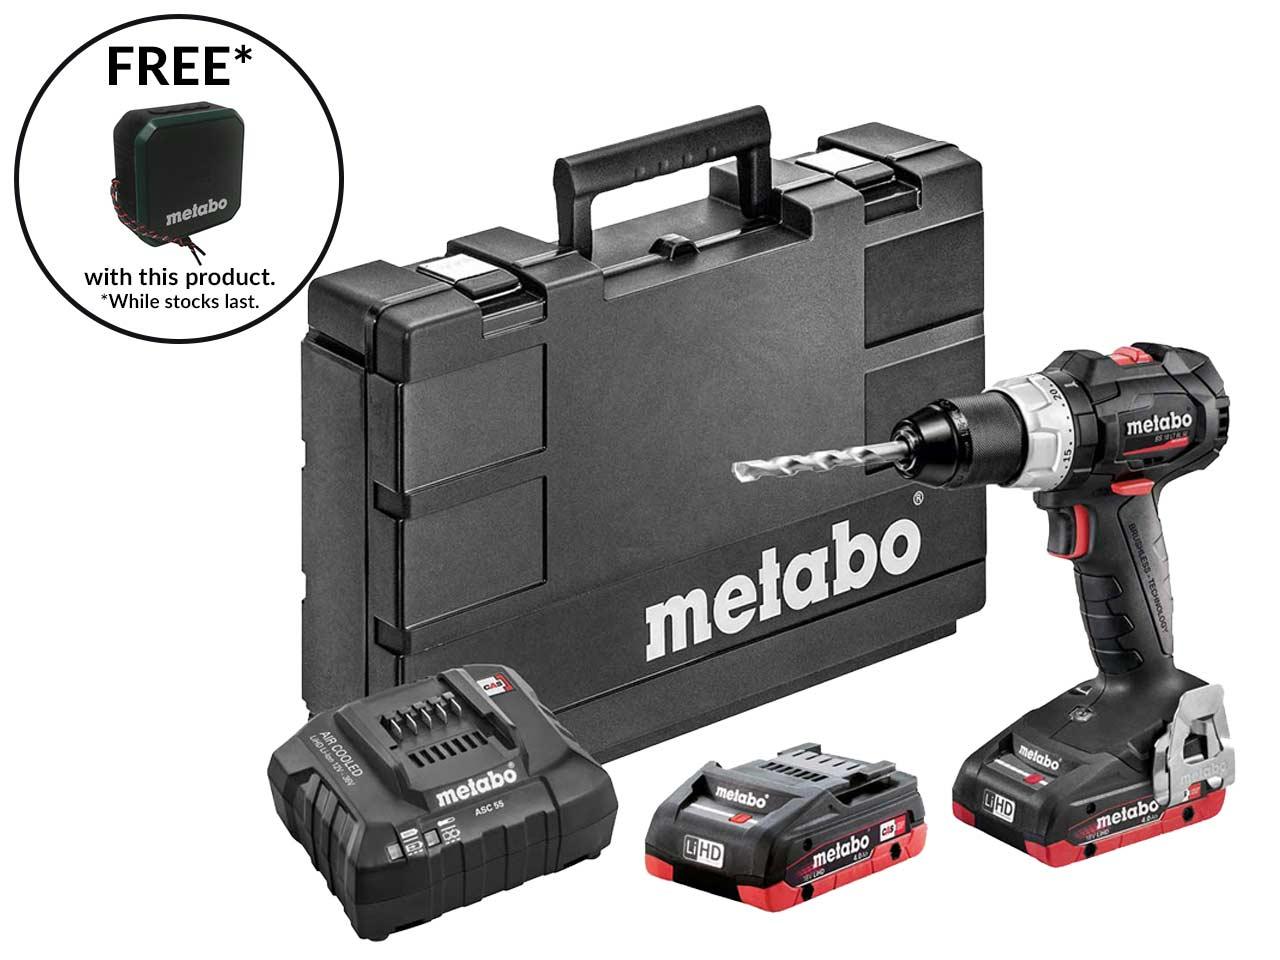 Metabo_602368800.jpg